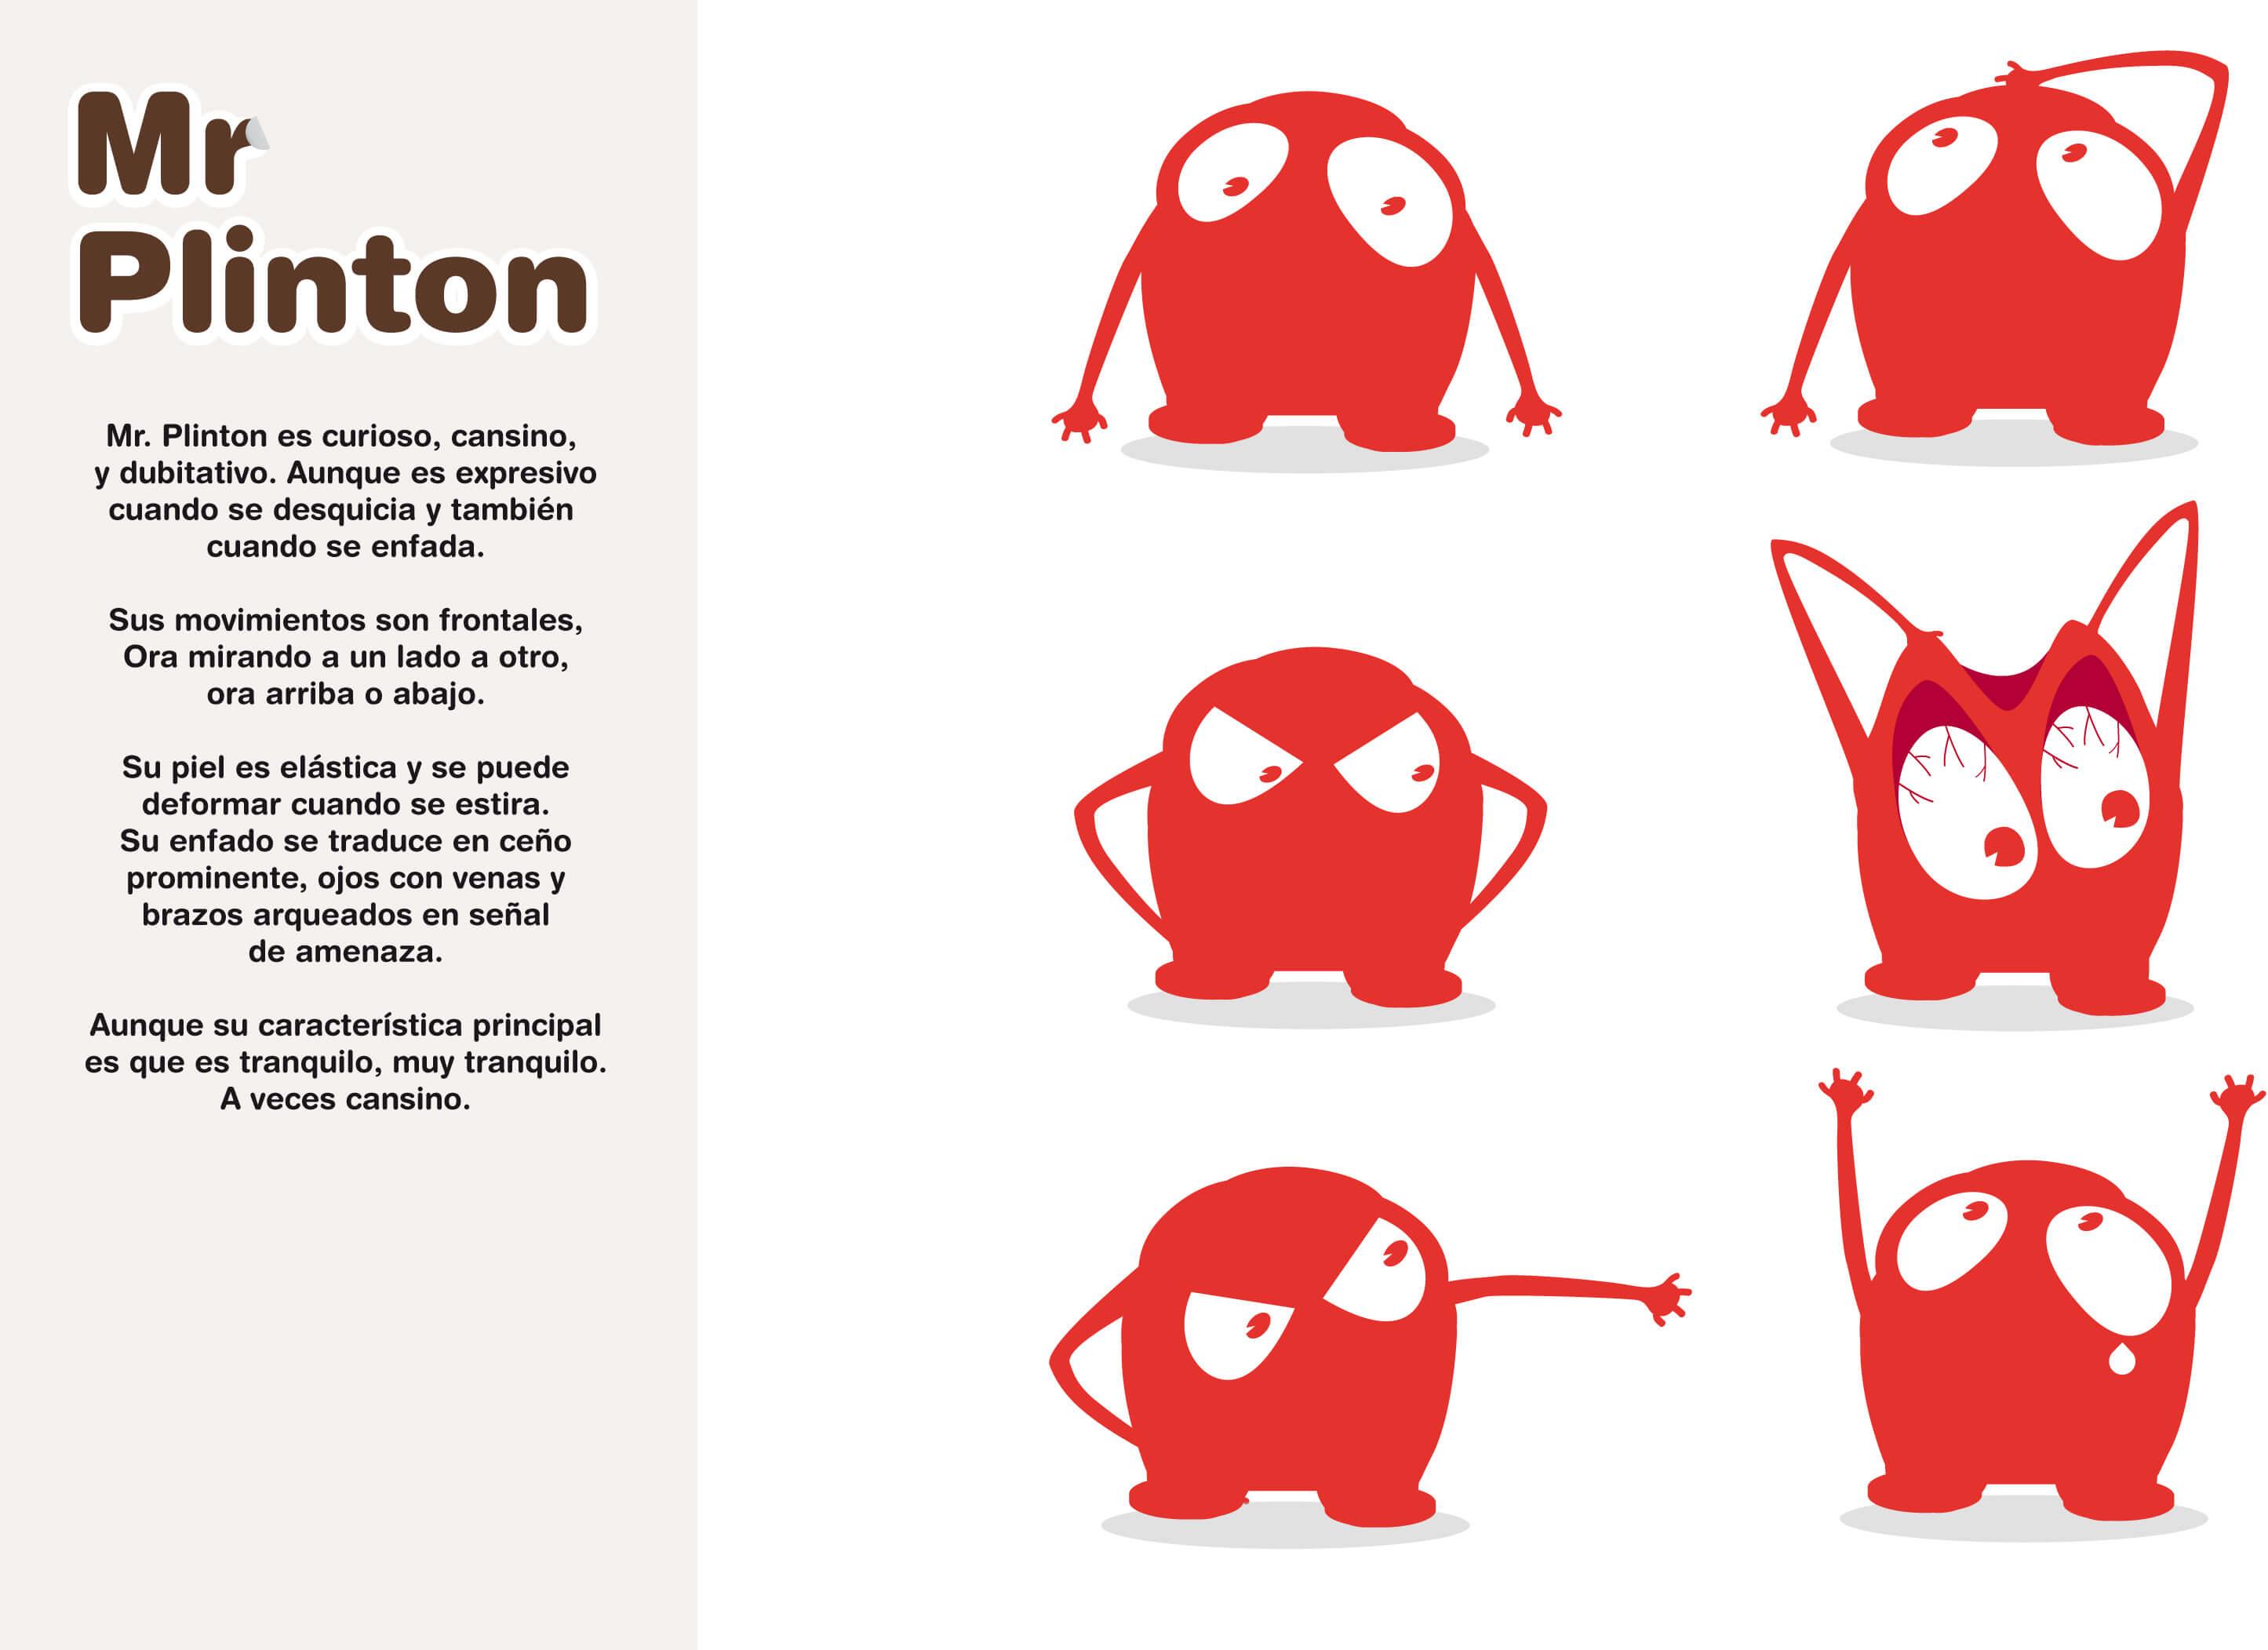 presentacion-mr-plimton-mr-plinton